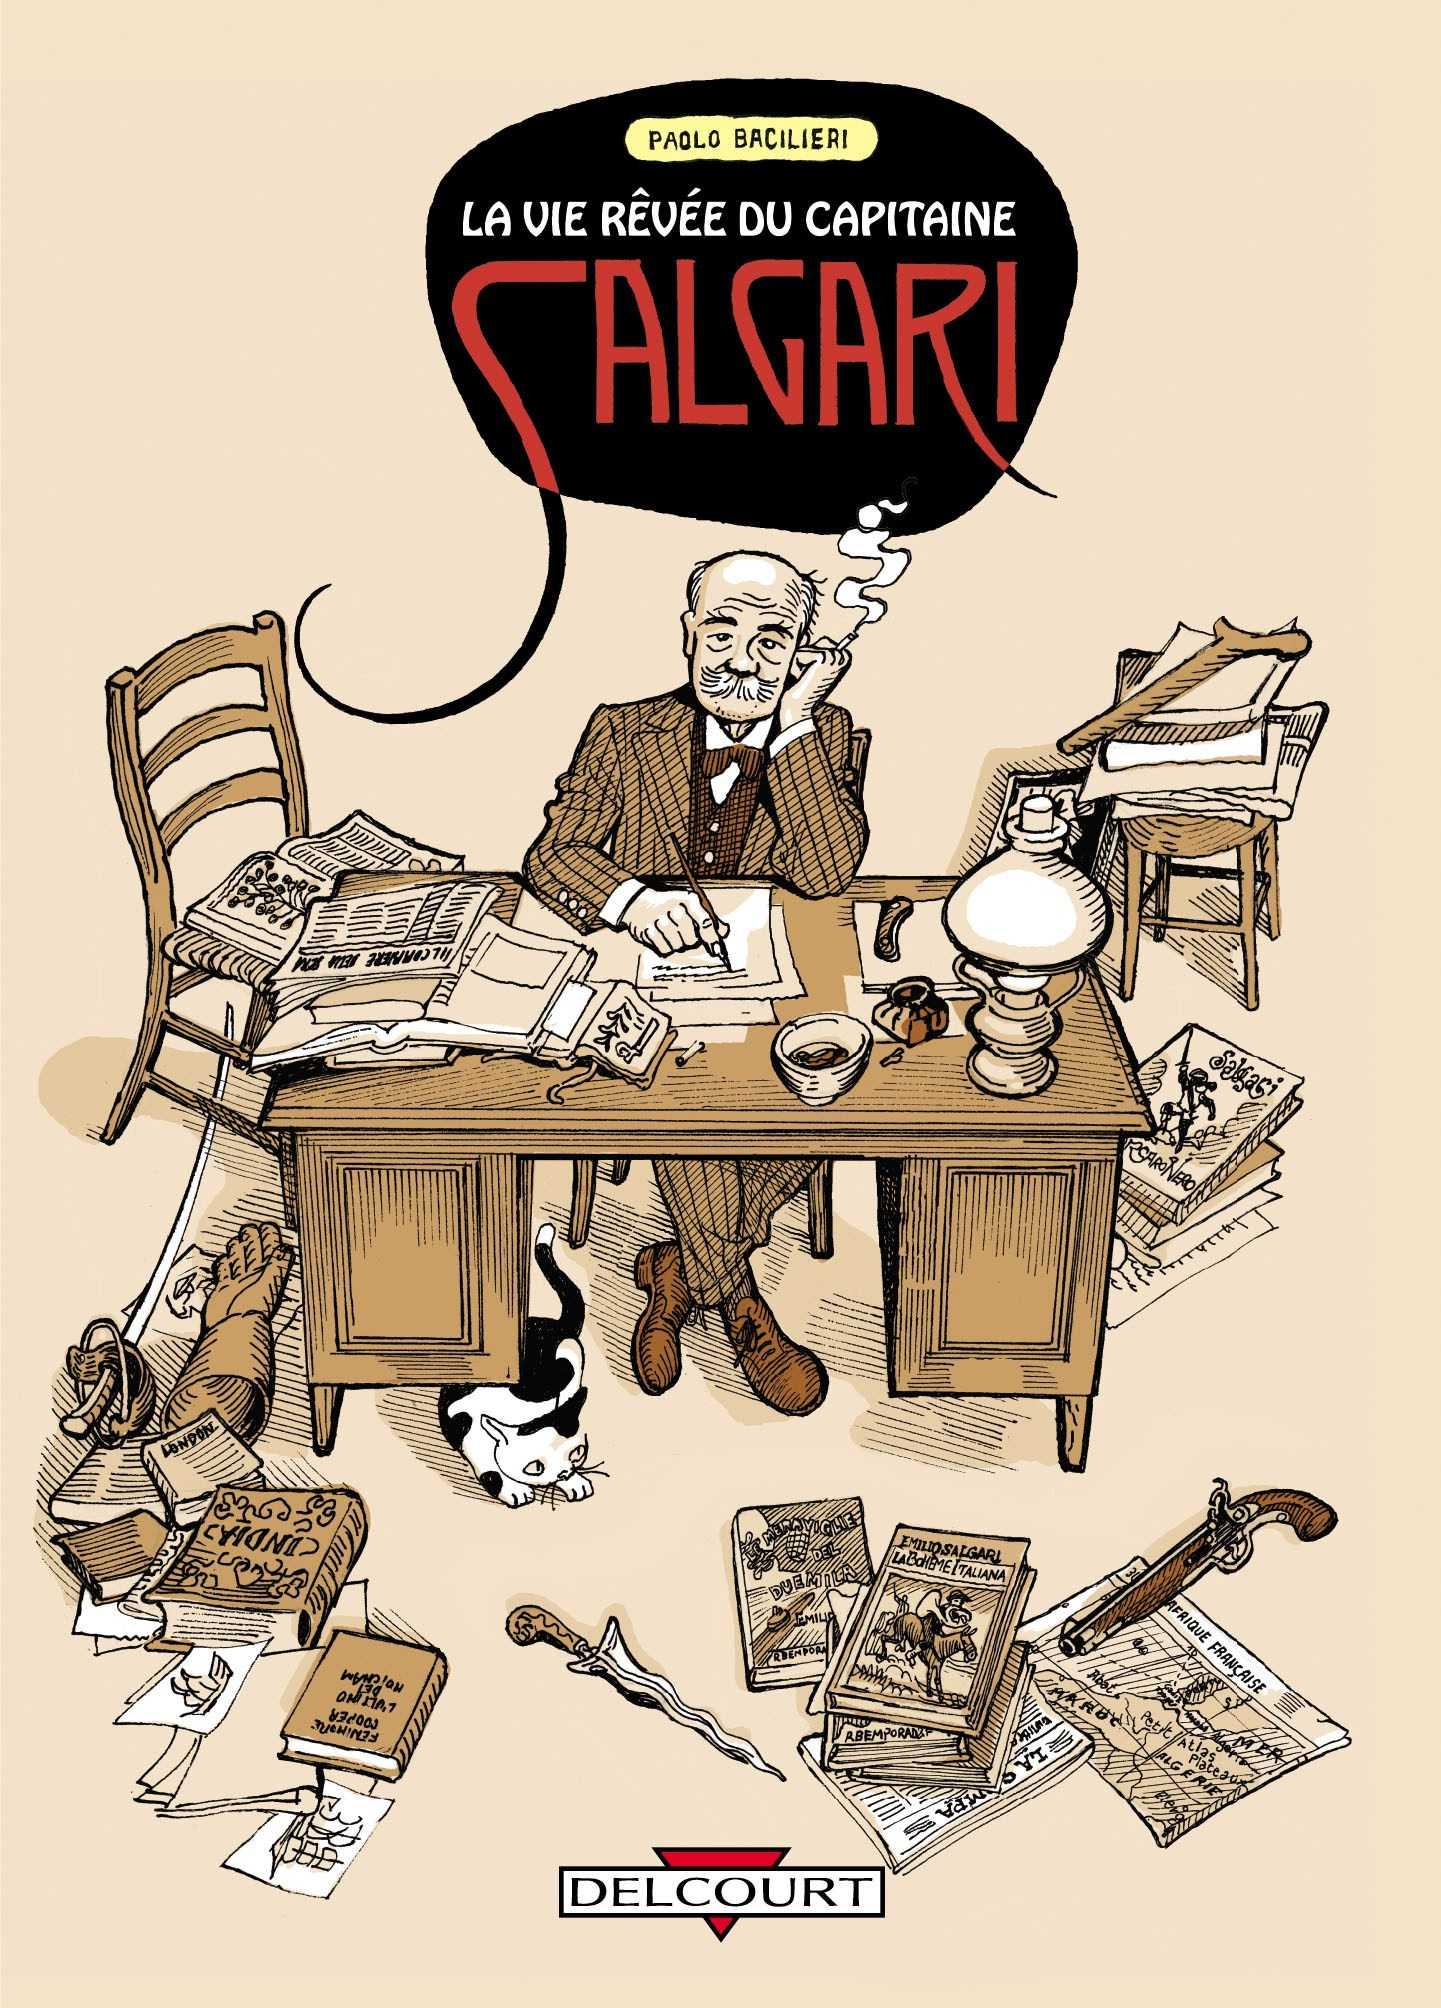 La Vie Rêvée du Capitaine Salgari, un Jules Verne italien au destin tragique